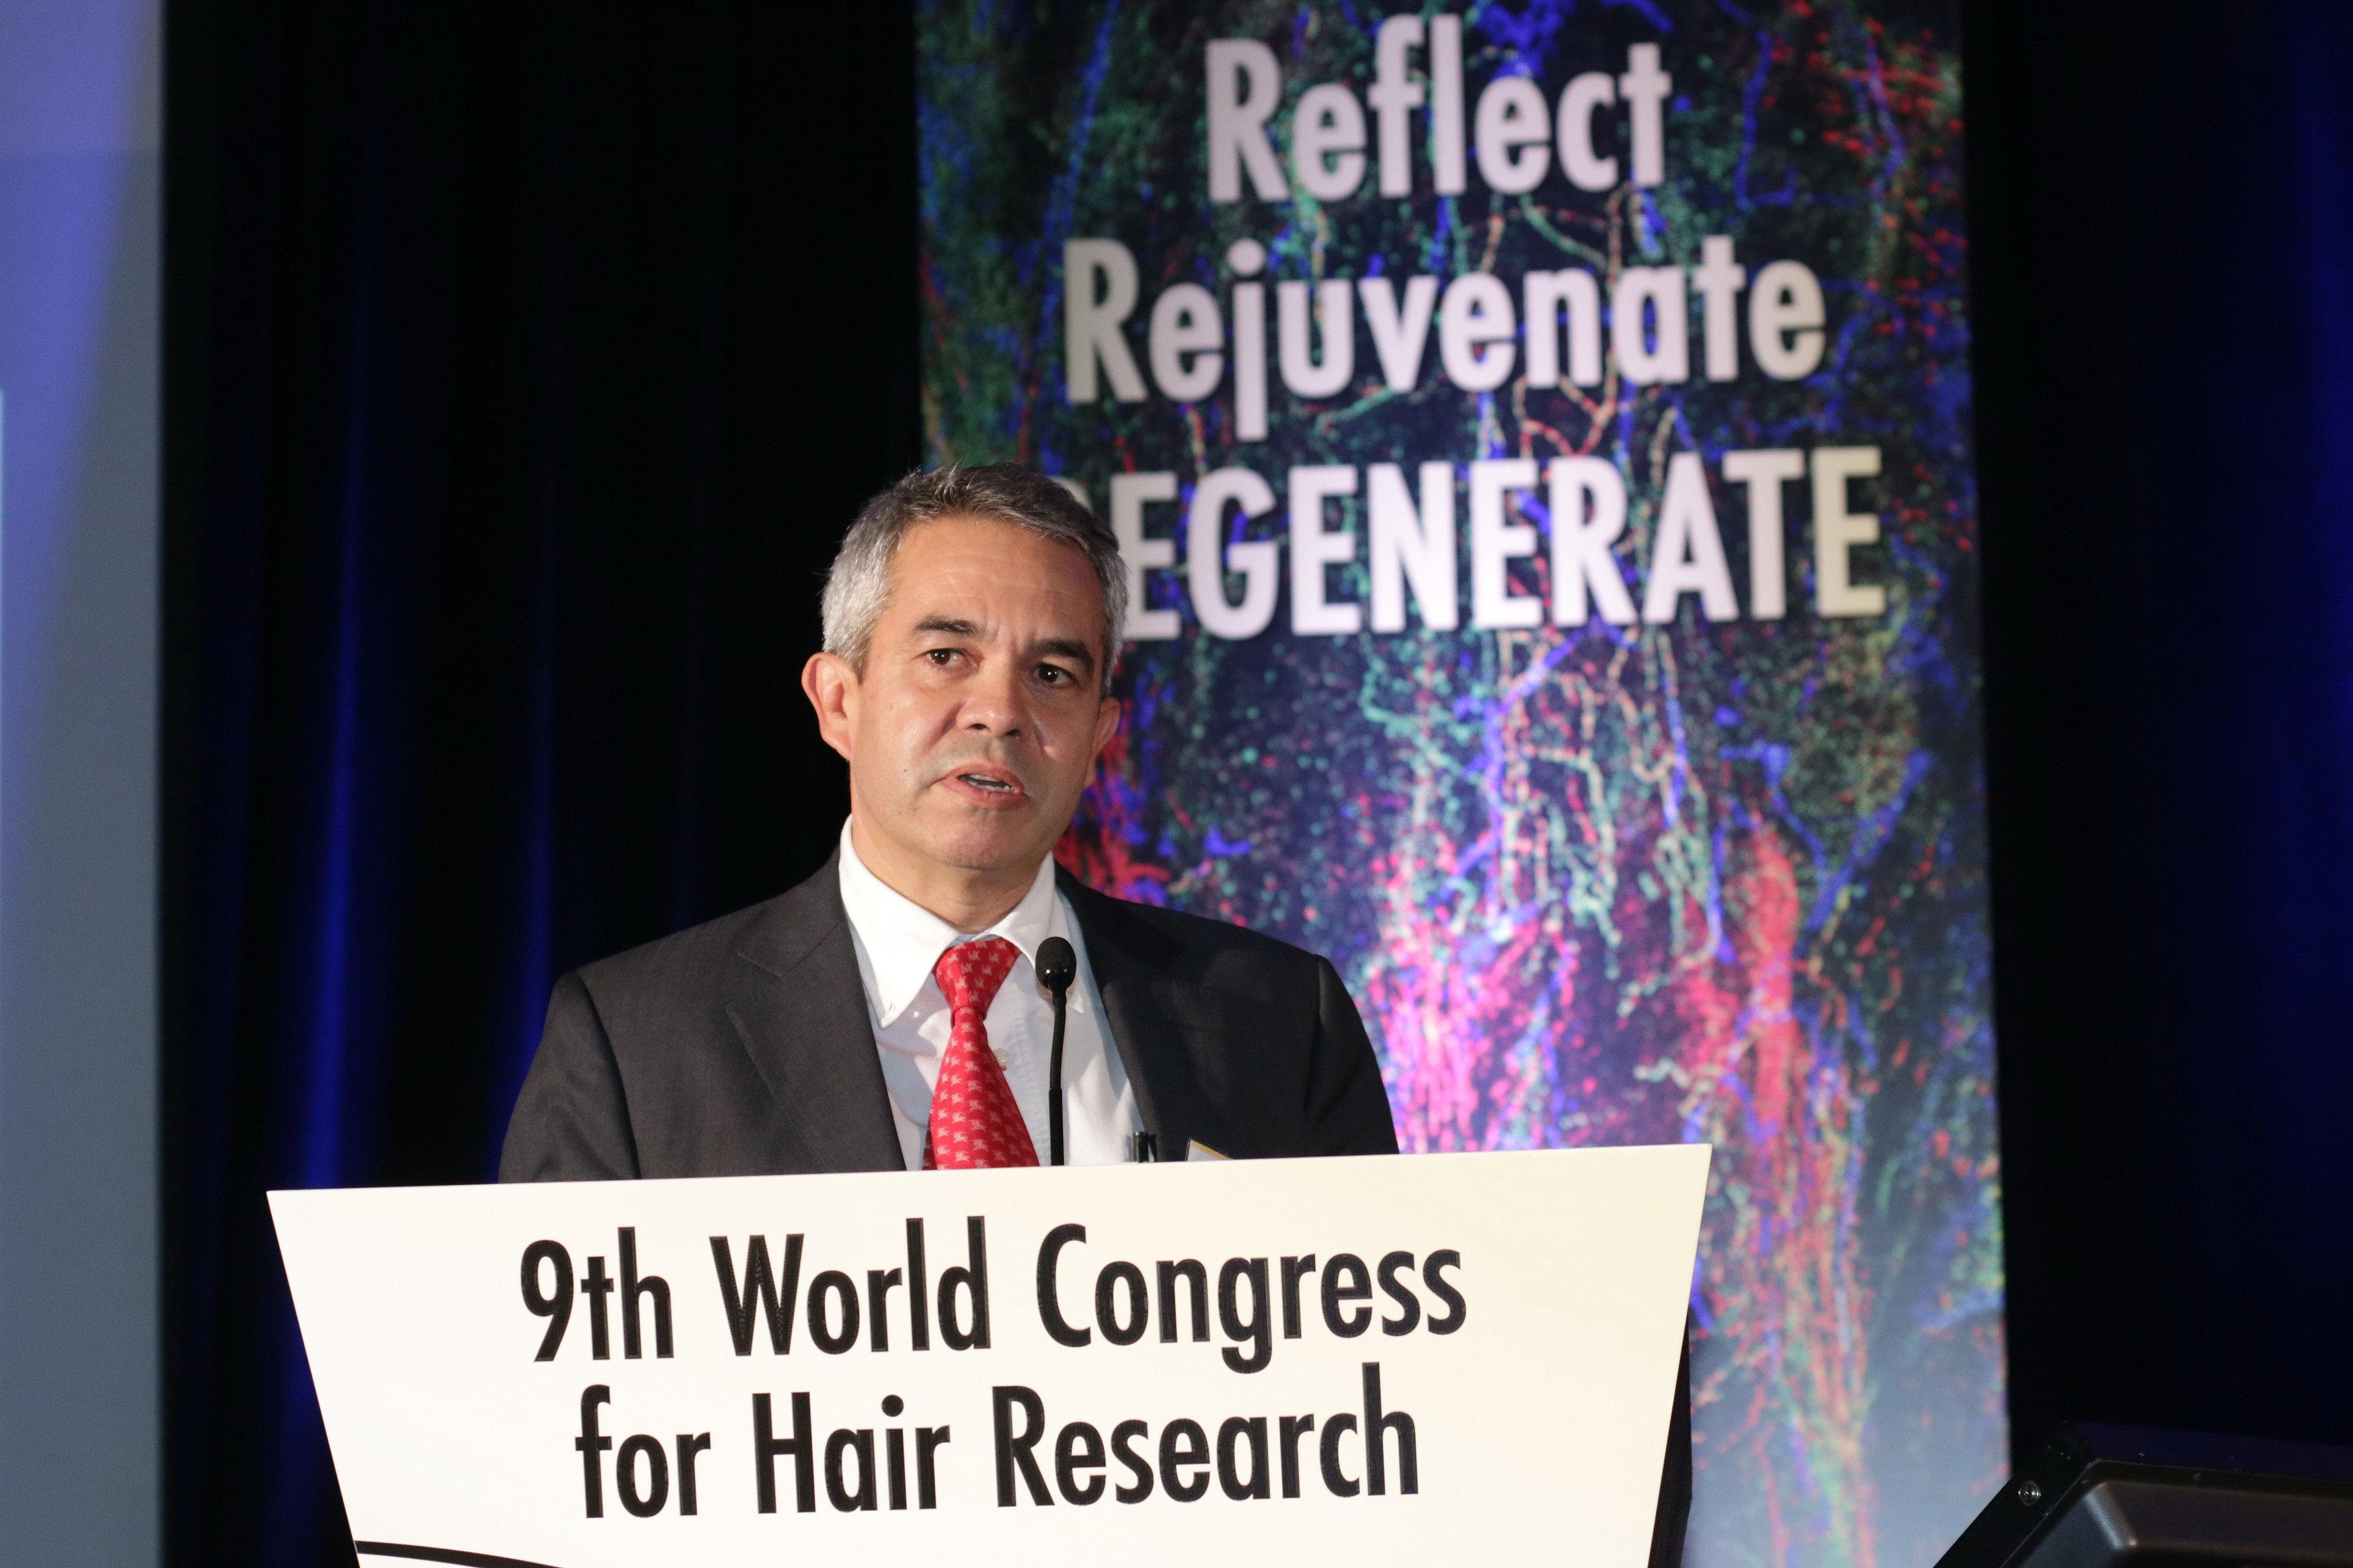 El Dr. Jiménez presenta una ponencia en el Congreso Mundial de Investigación sobre el Pelo en Miami